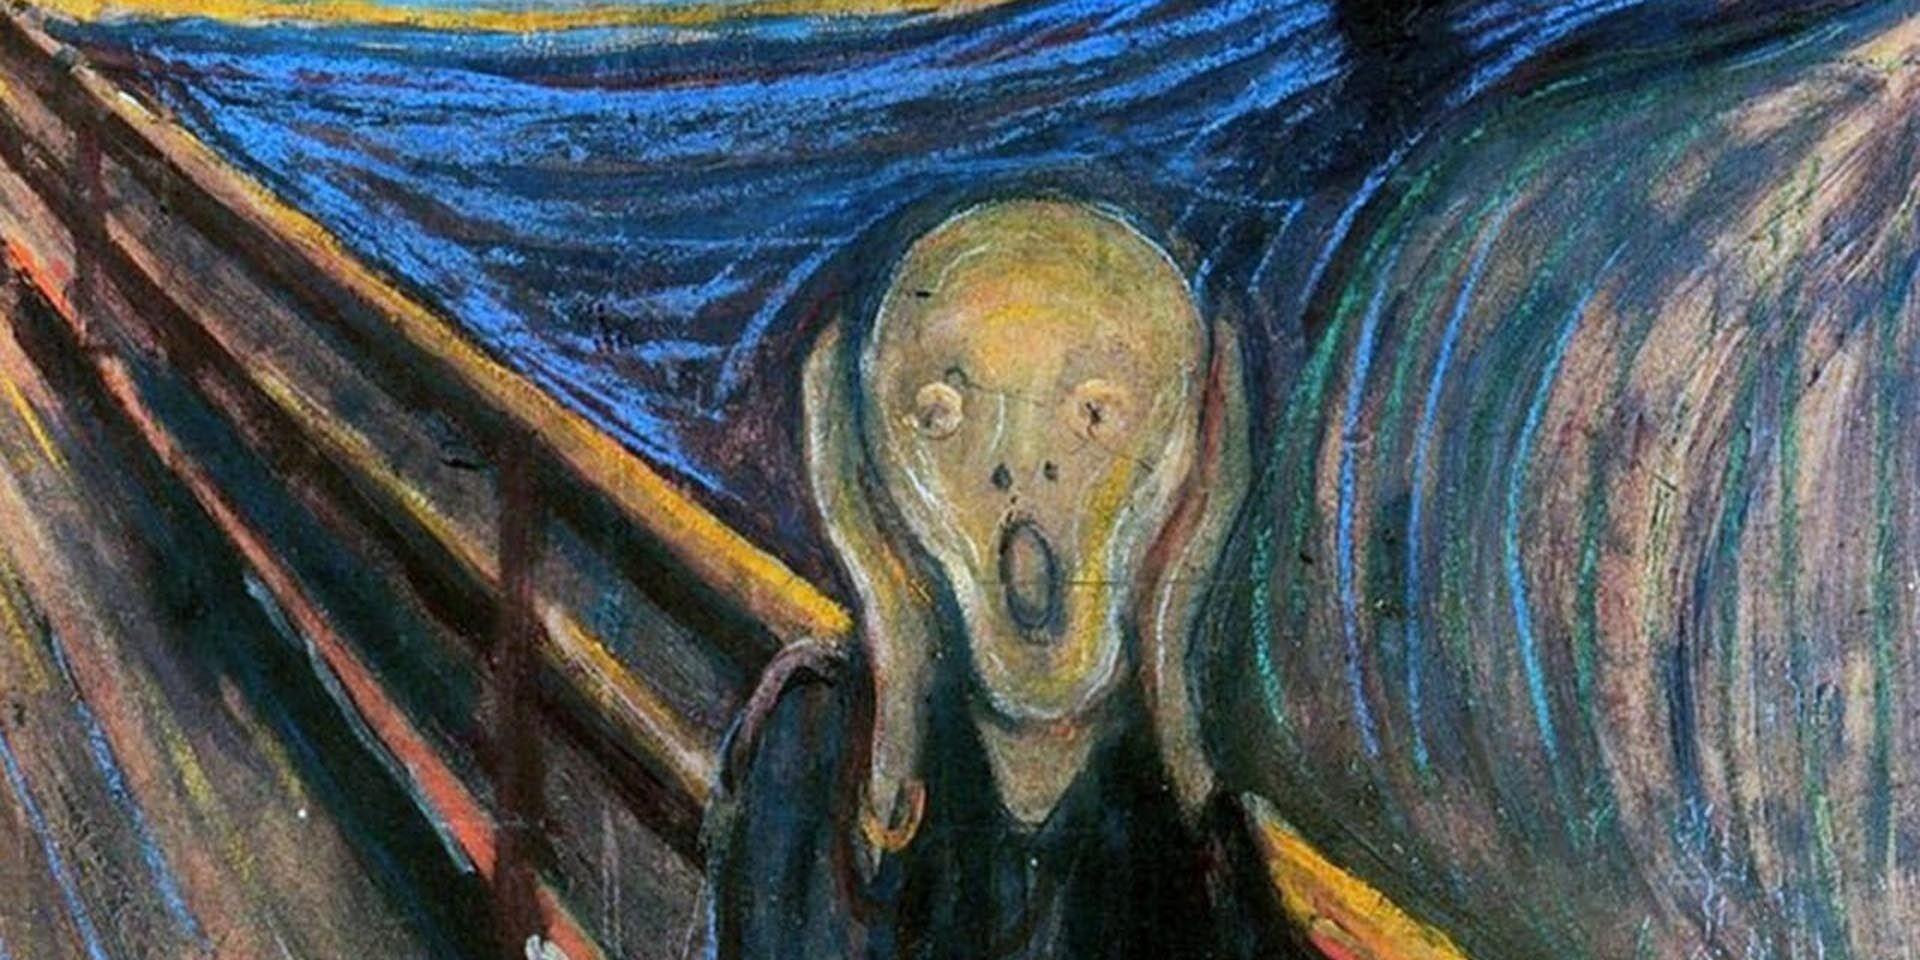 El muñeco no engaña - (Ley del muñeco) - Página 5 Munch-grito